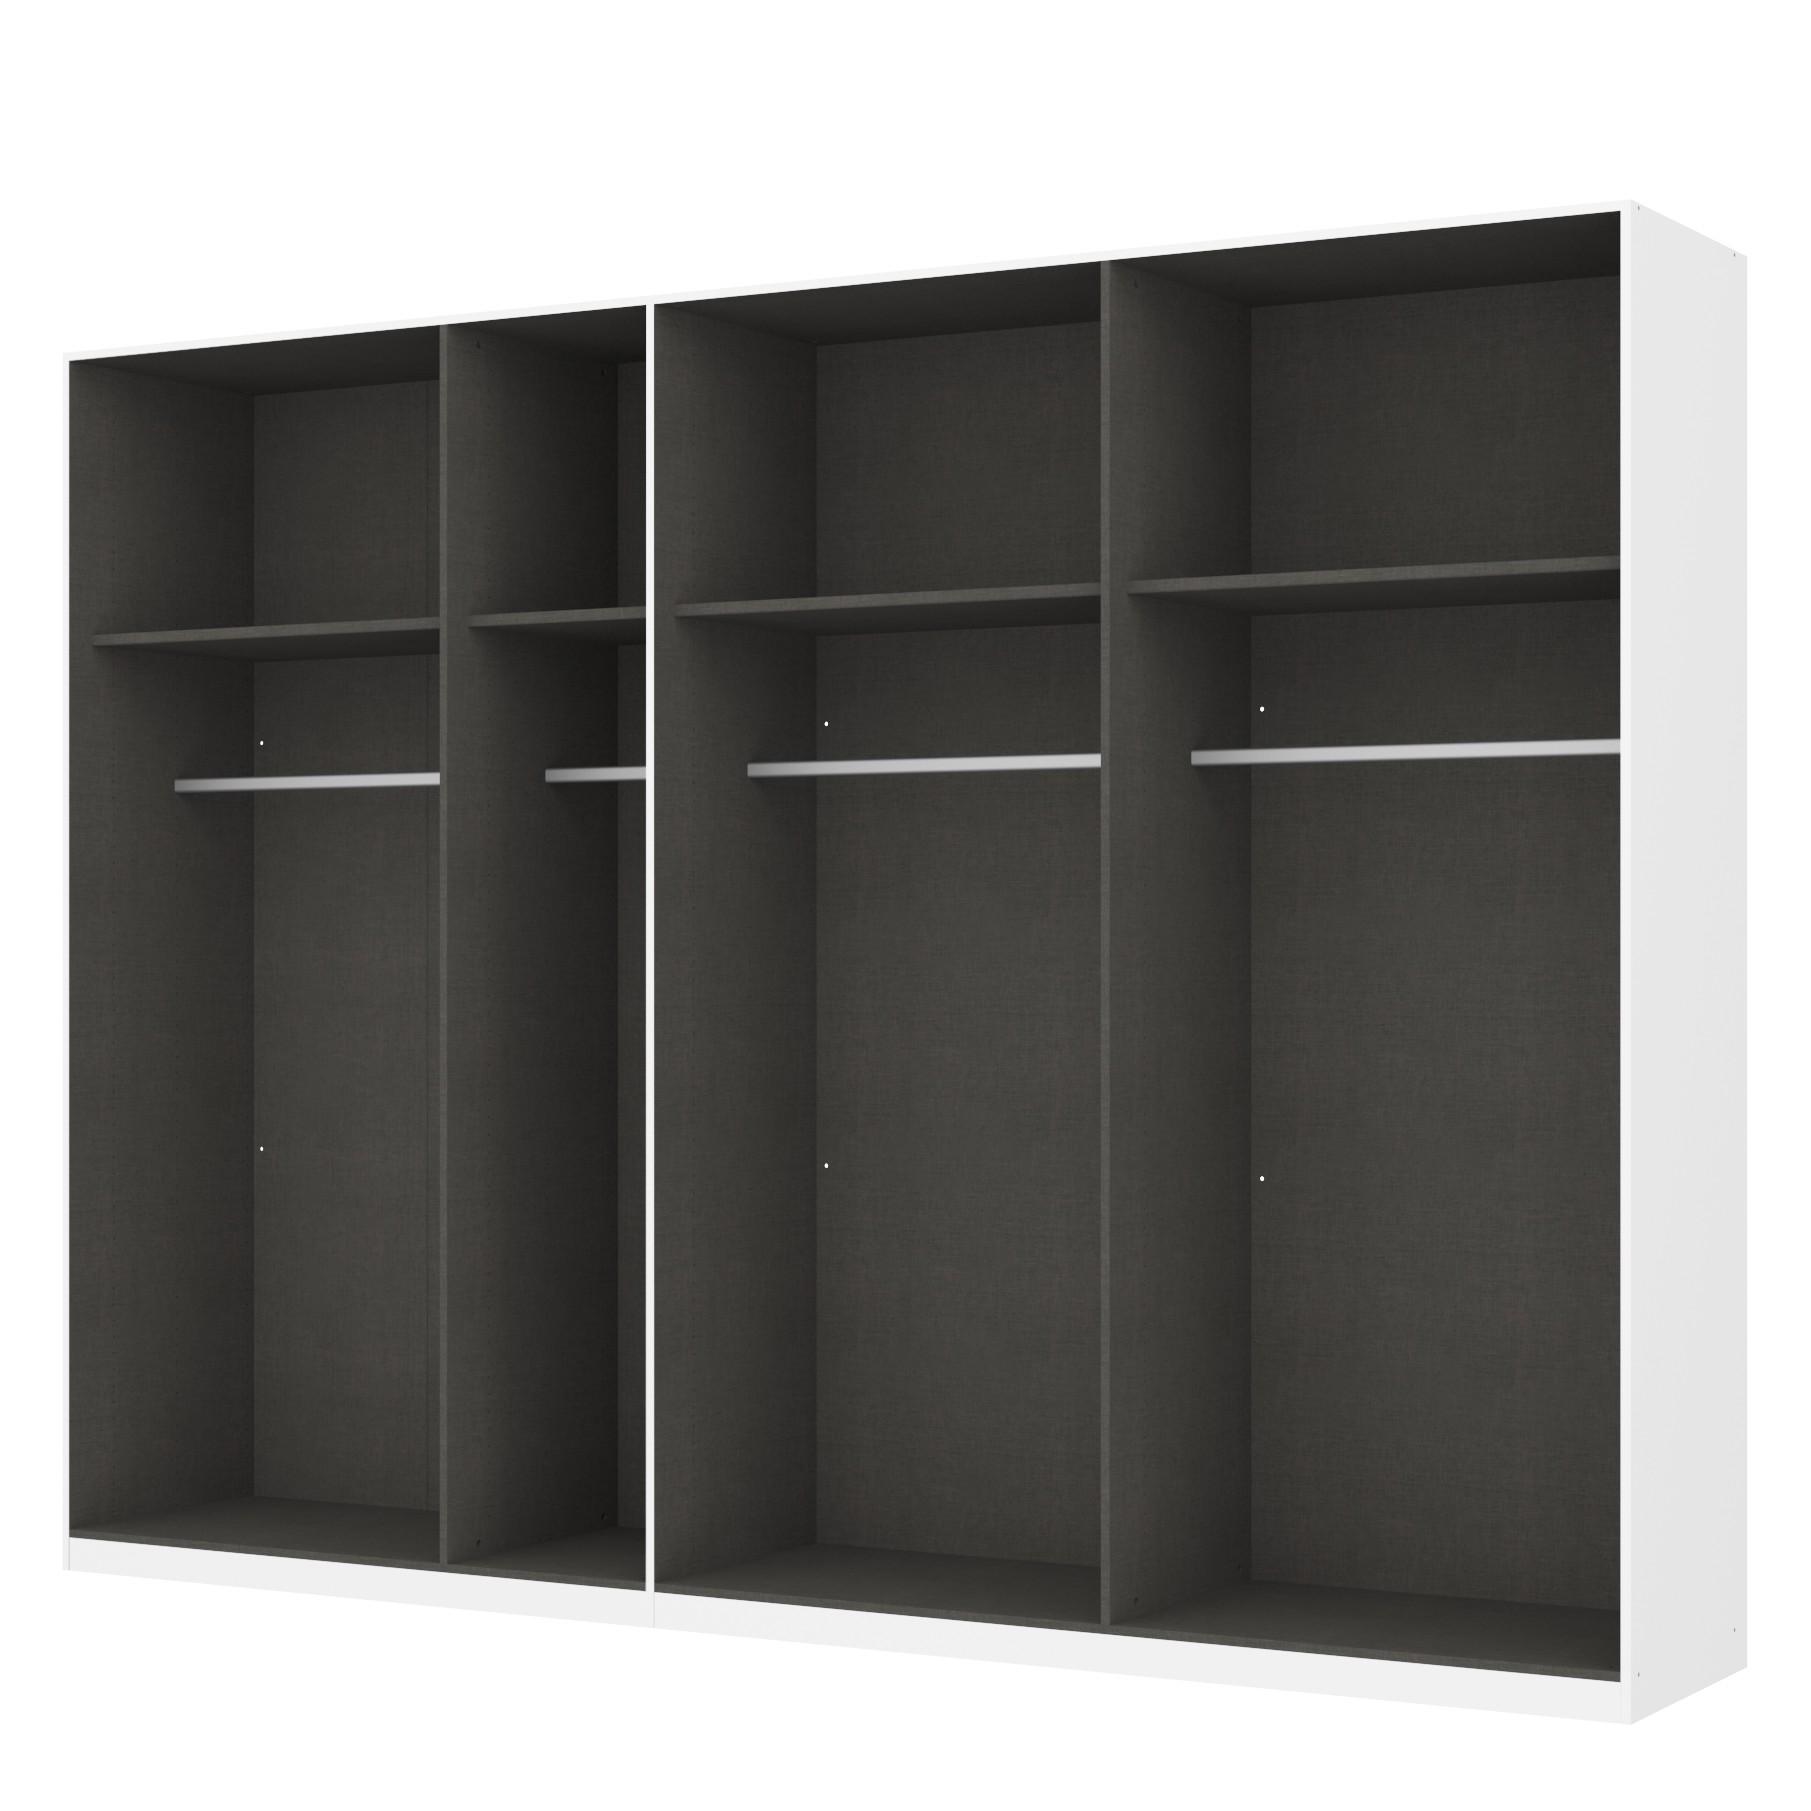 Kleiderschrank SKØP – Alpinweiß/ Offen – 315 cm (7-türig) – 236 cm – Classic, SKØP online bestellen